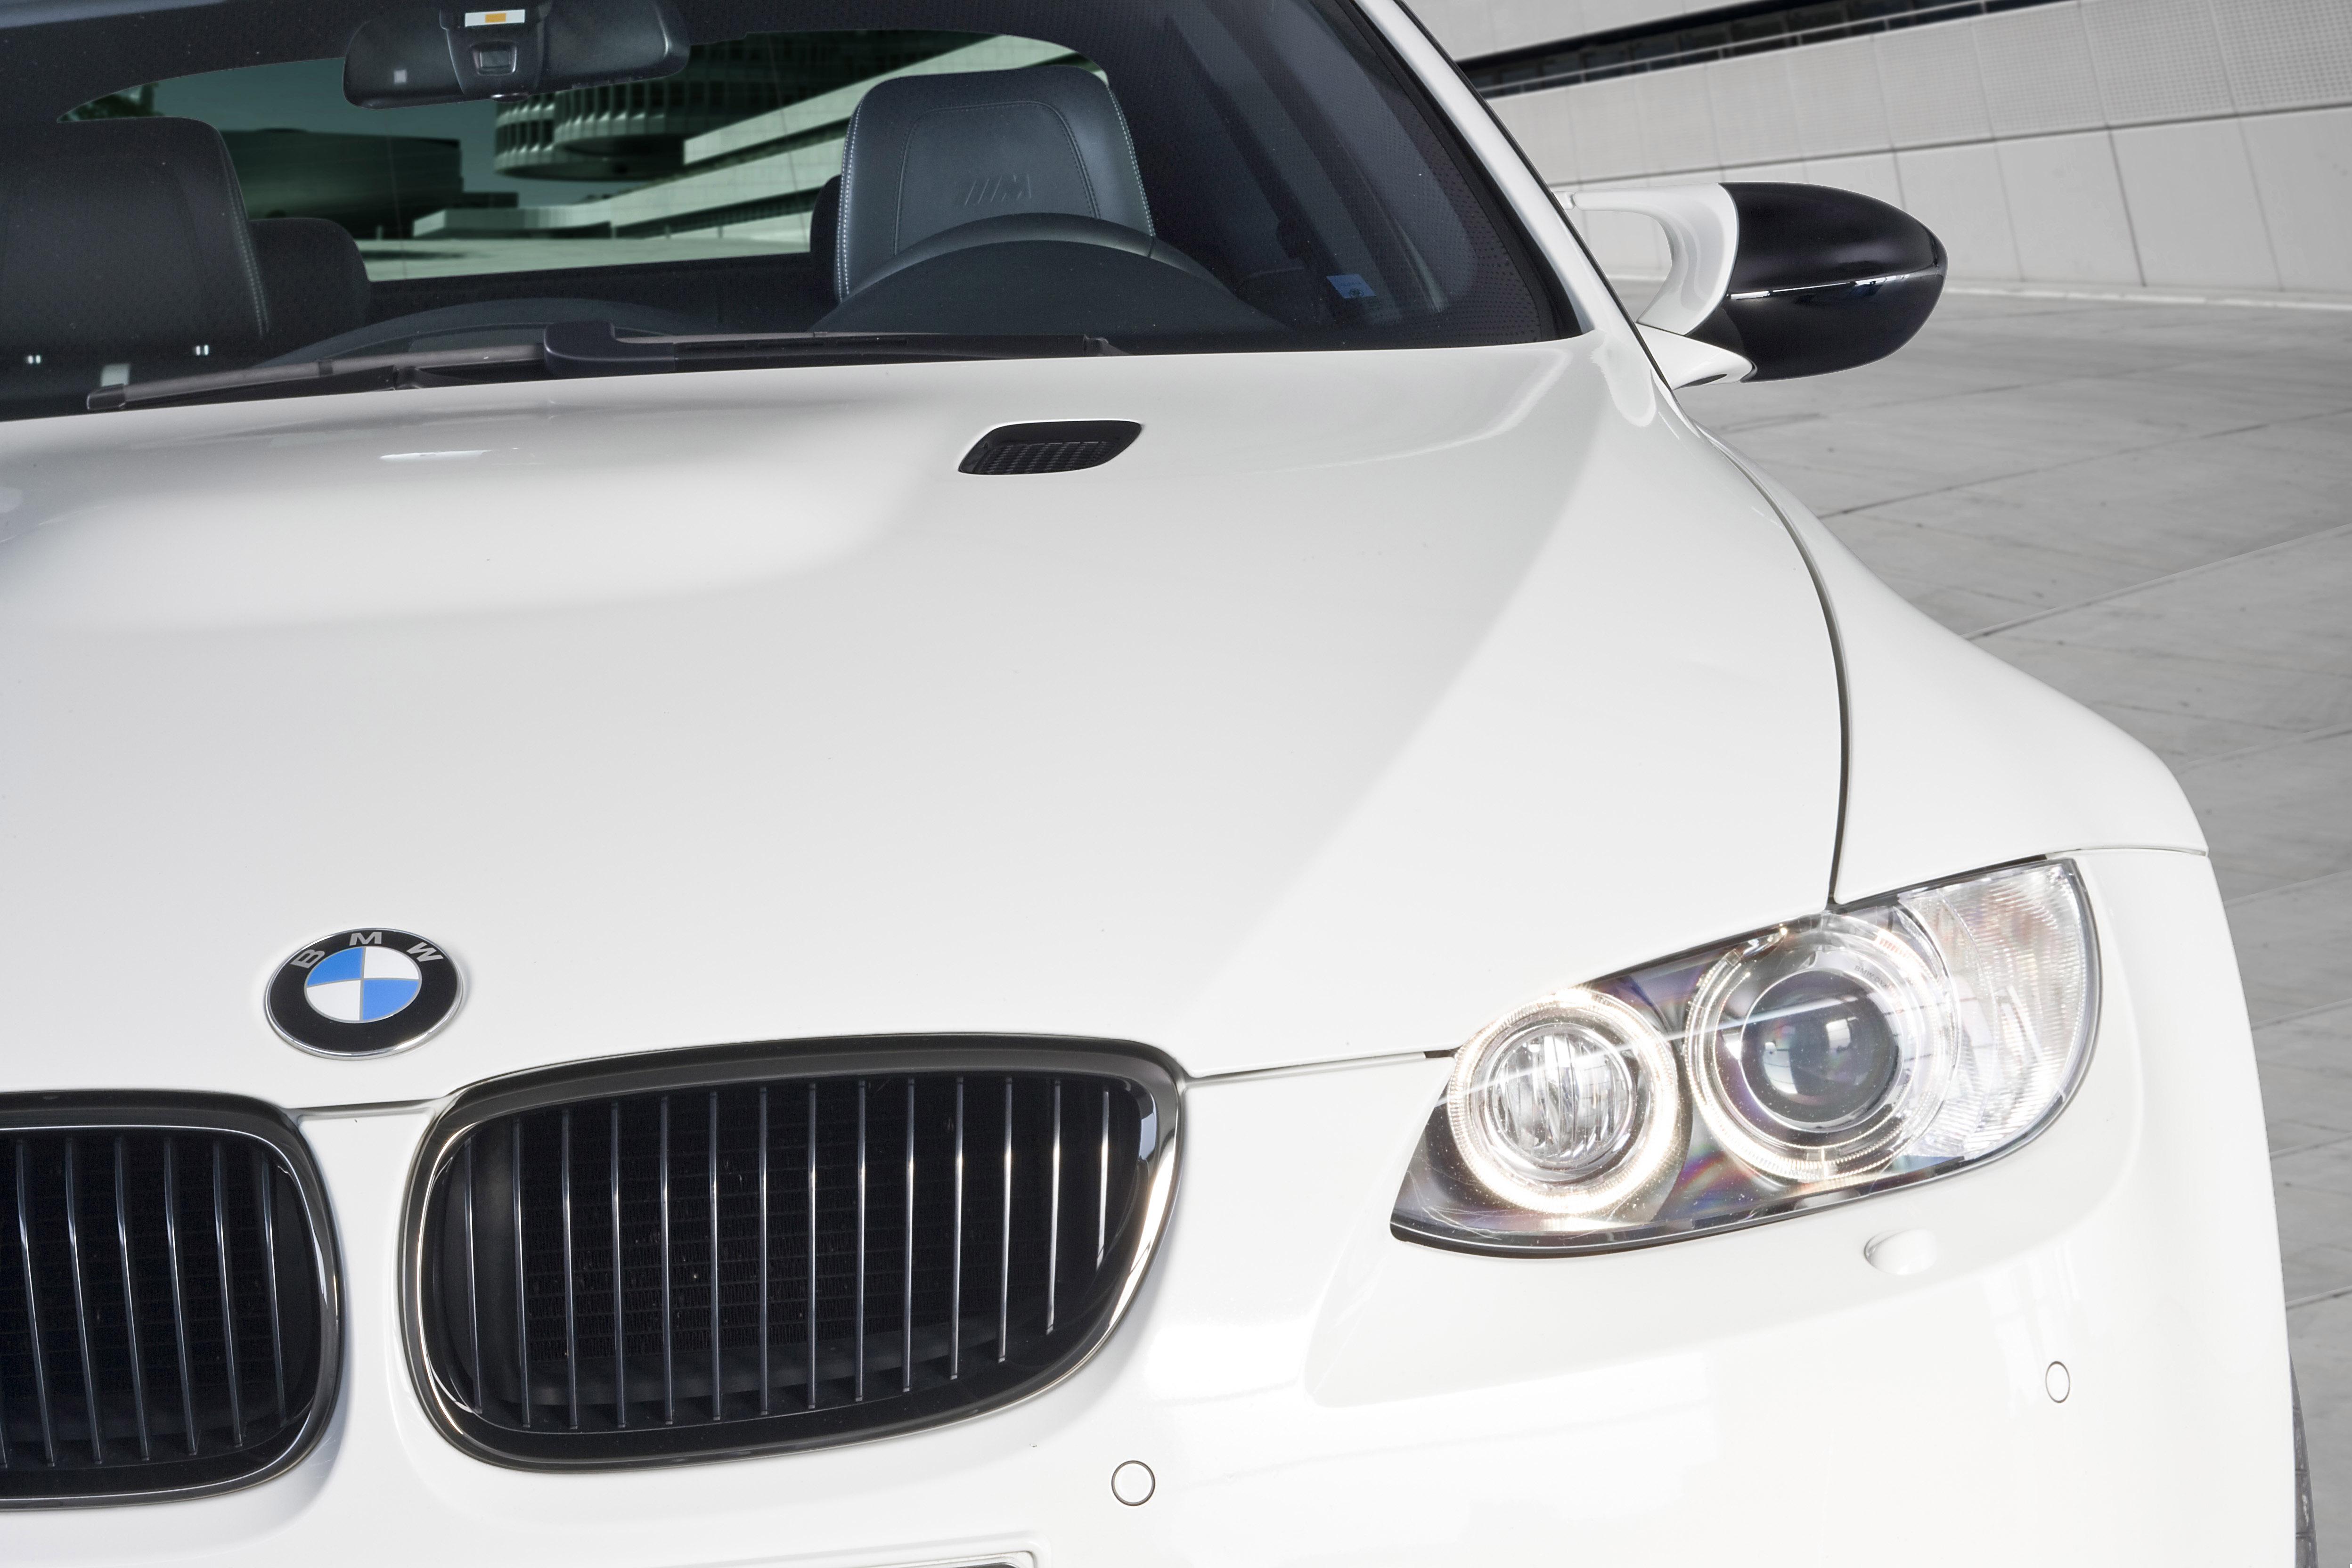 Верховный производительности, Эксклюзив Стиль: BMW M3 Edition Models - фотография №1